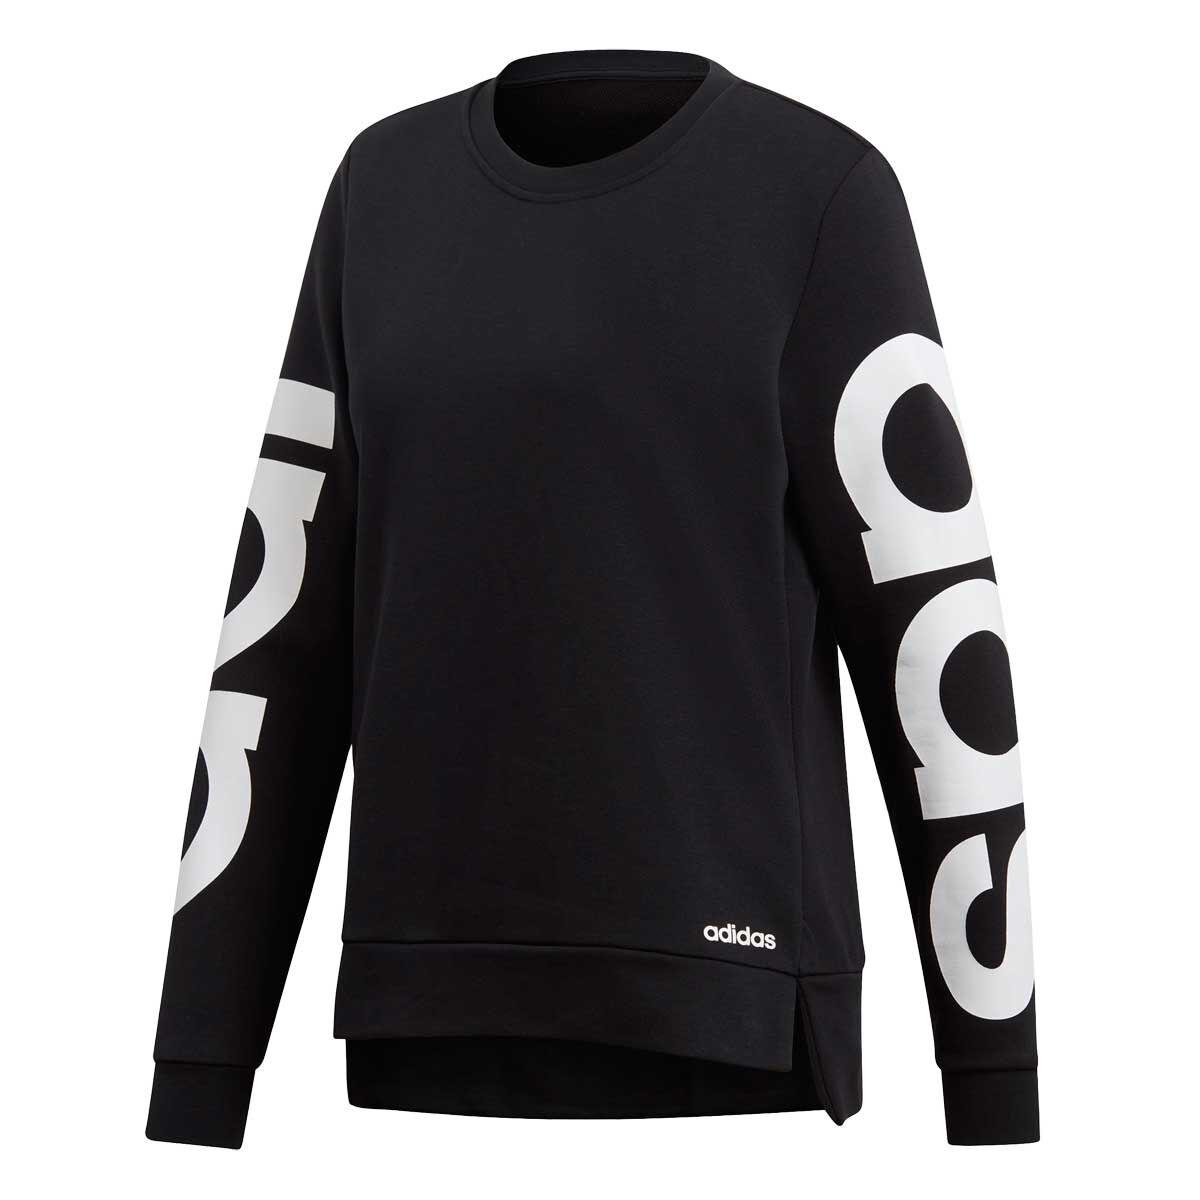 adidas Womens Essentials Season Branded Sweatshirt Black White XS